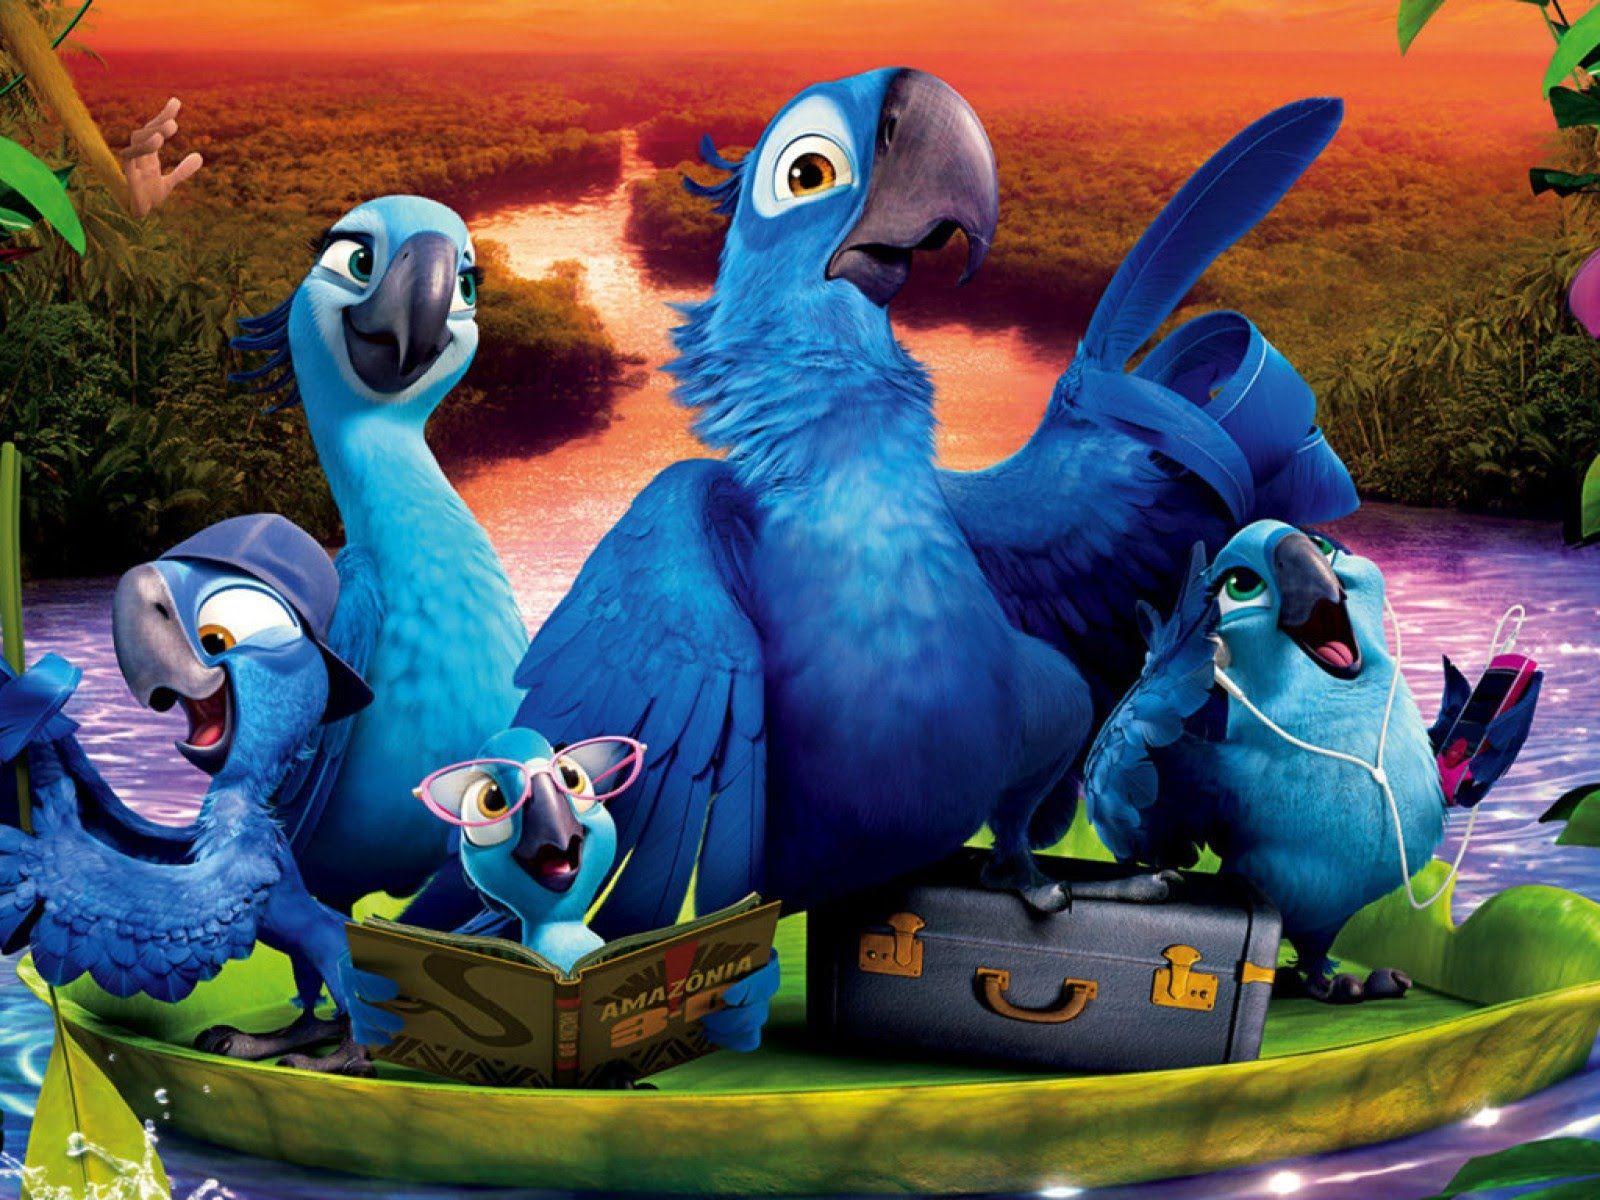 Rio 2 Filmes De Animacao Completo Dublado Filme Rio Filme Rio